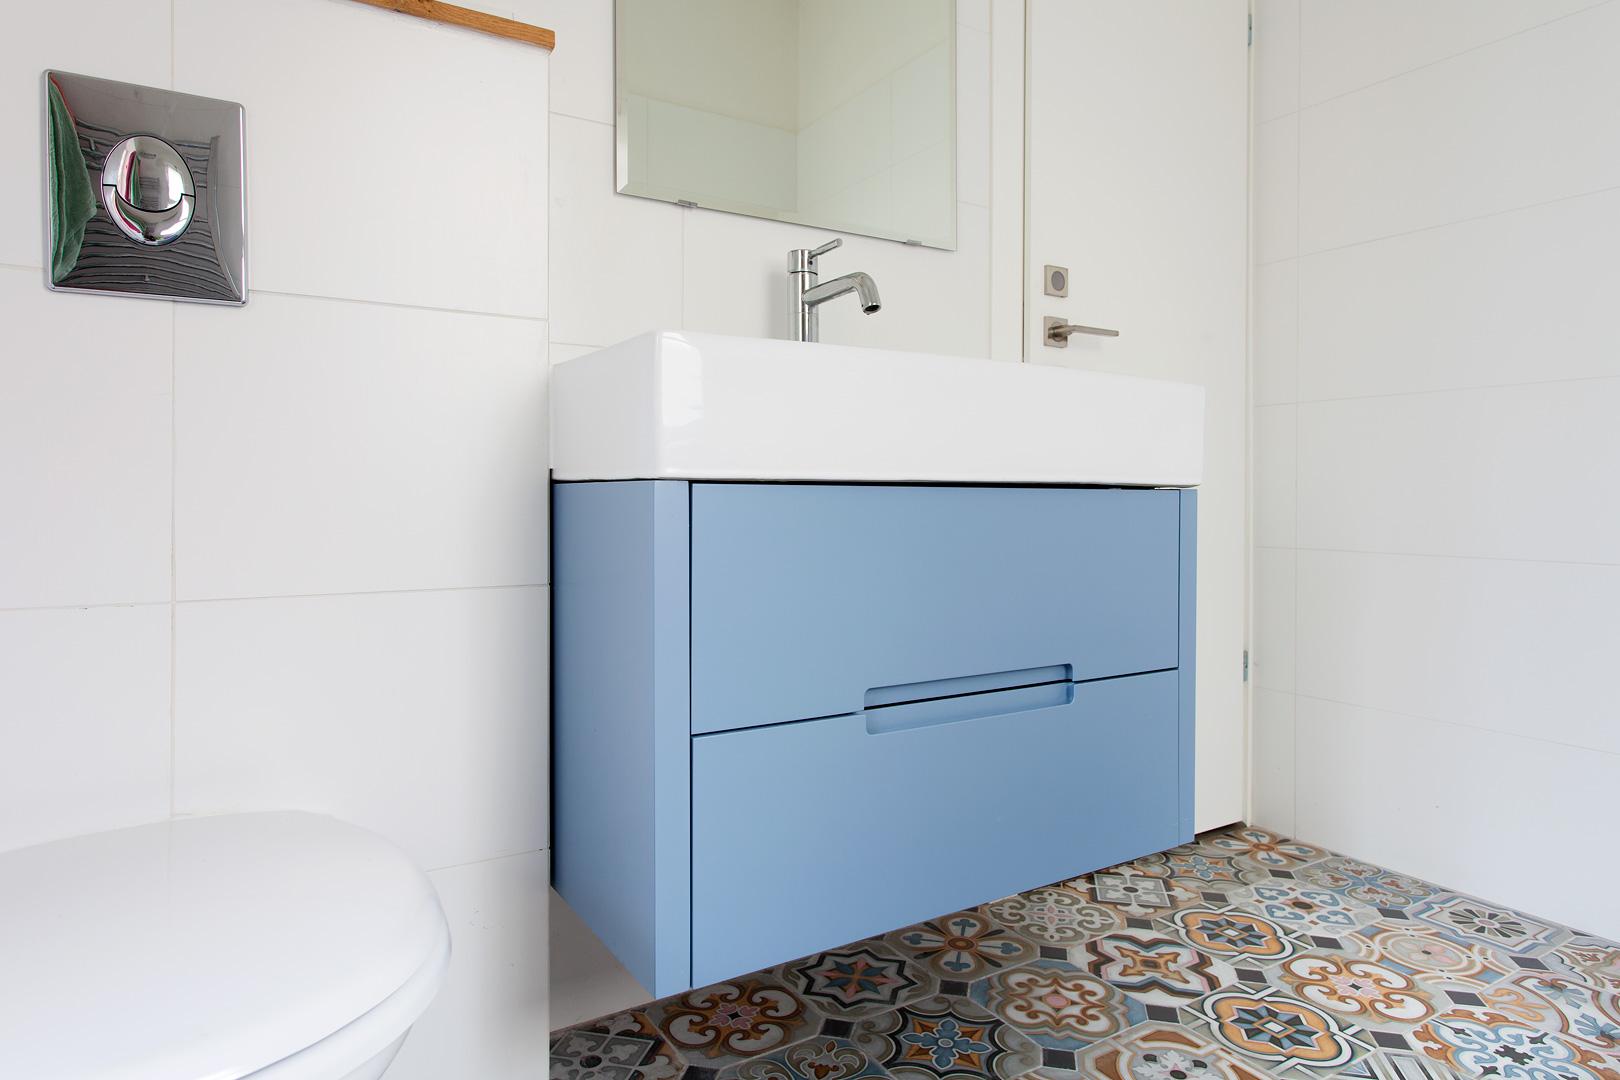 שידת אמבטיה צבועה 2 - יוניק דברים מיוחדים